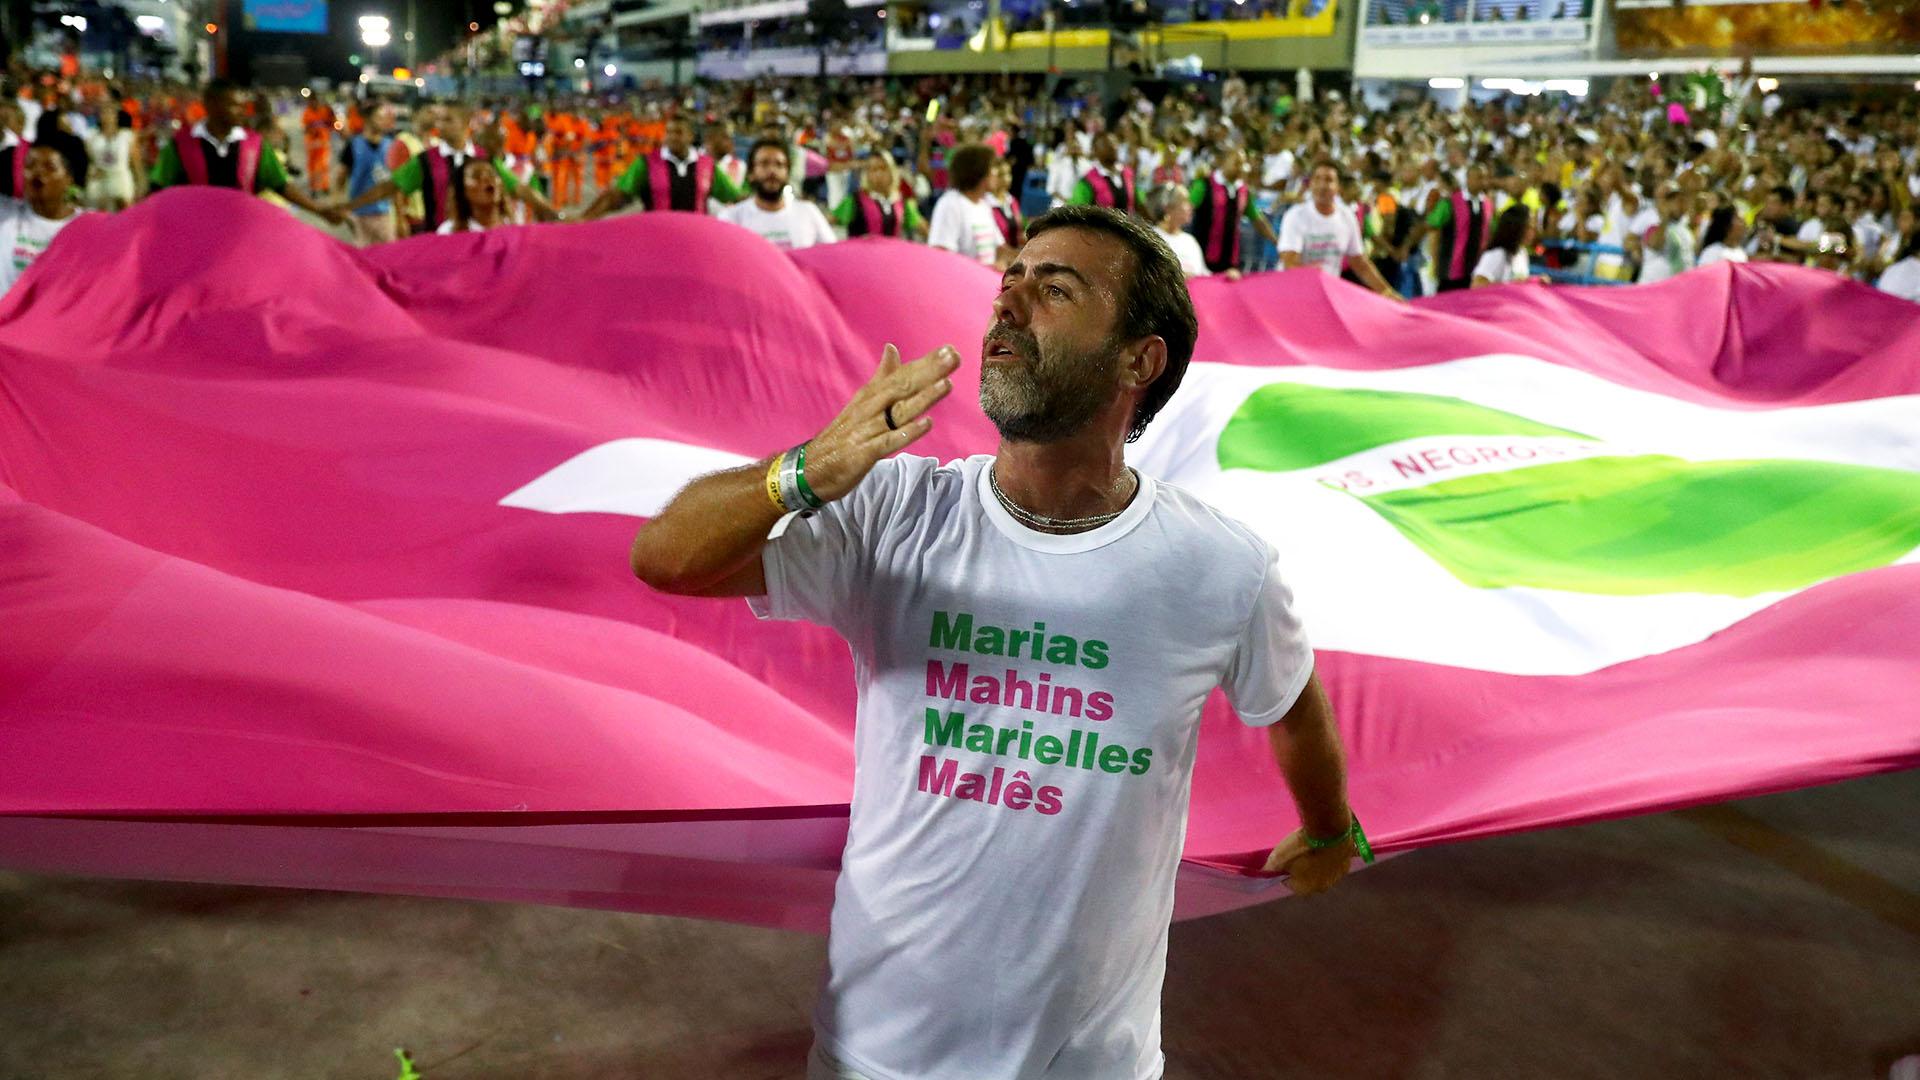 El diputado Marcelo Freixo desfiló en el Carnaval(REUTERS/Pilar Olivares)